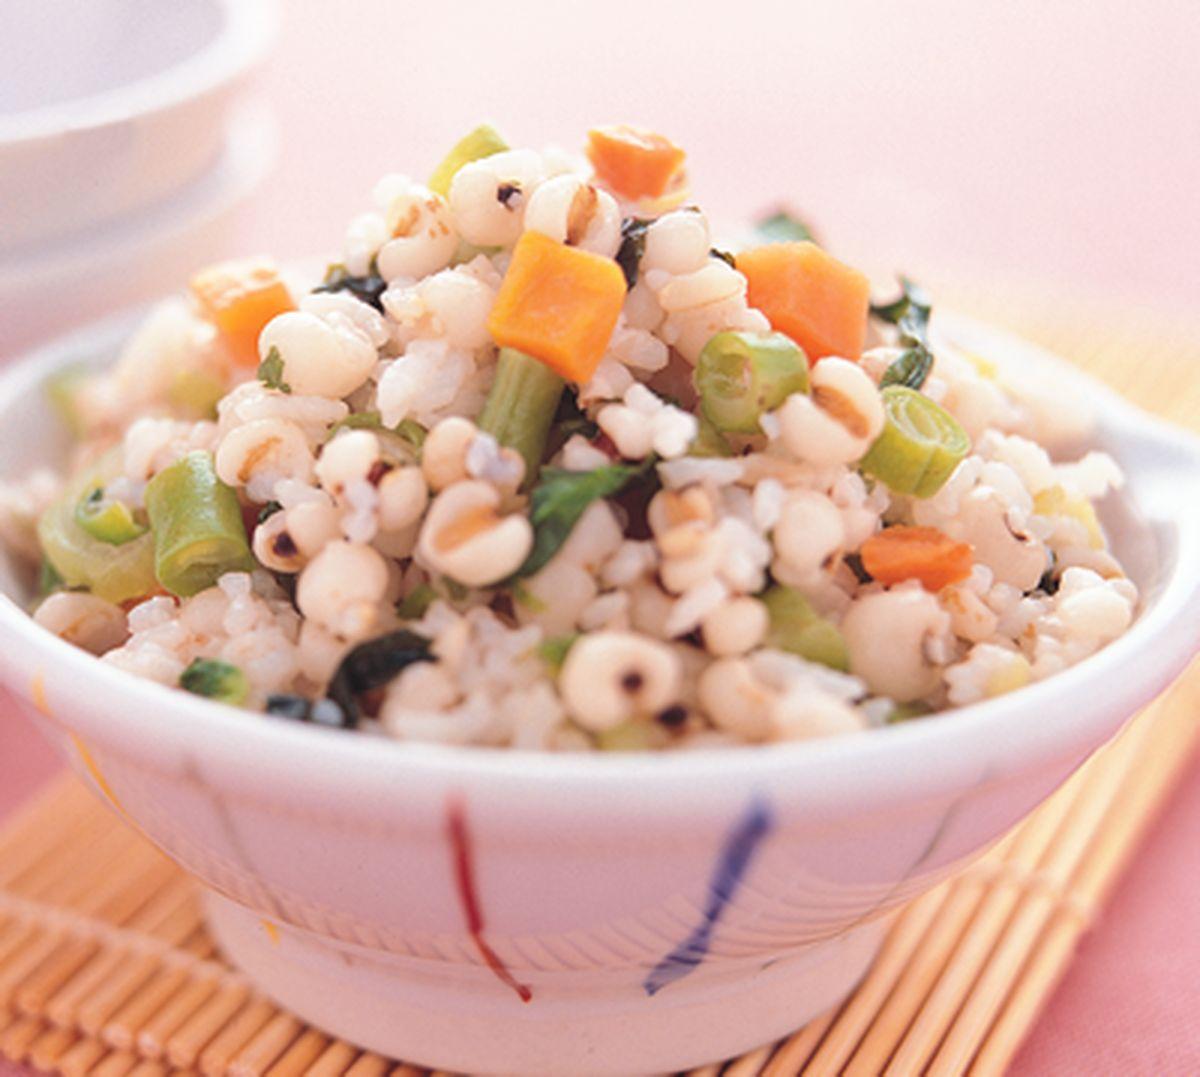 食譜:薏仁蔬菜飯